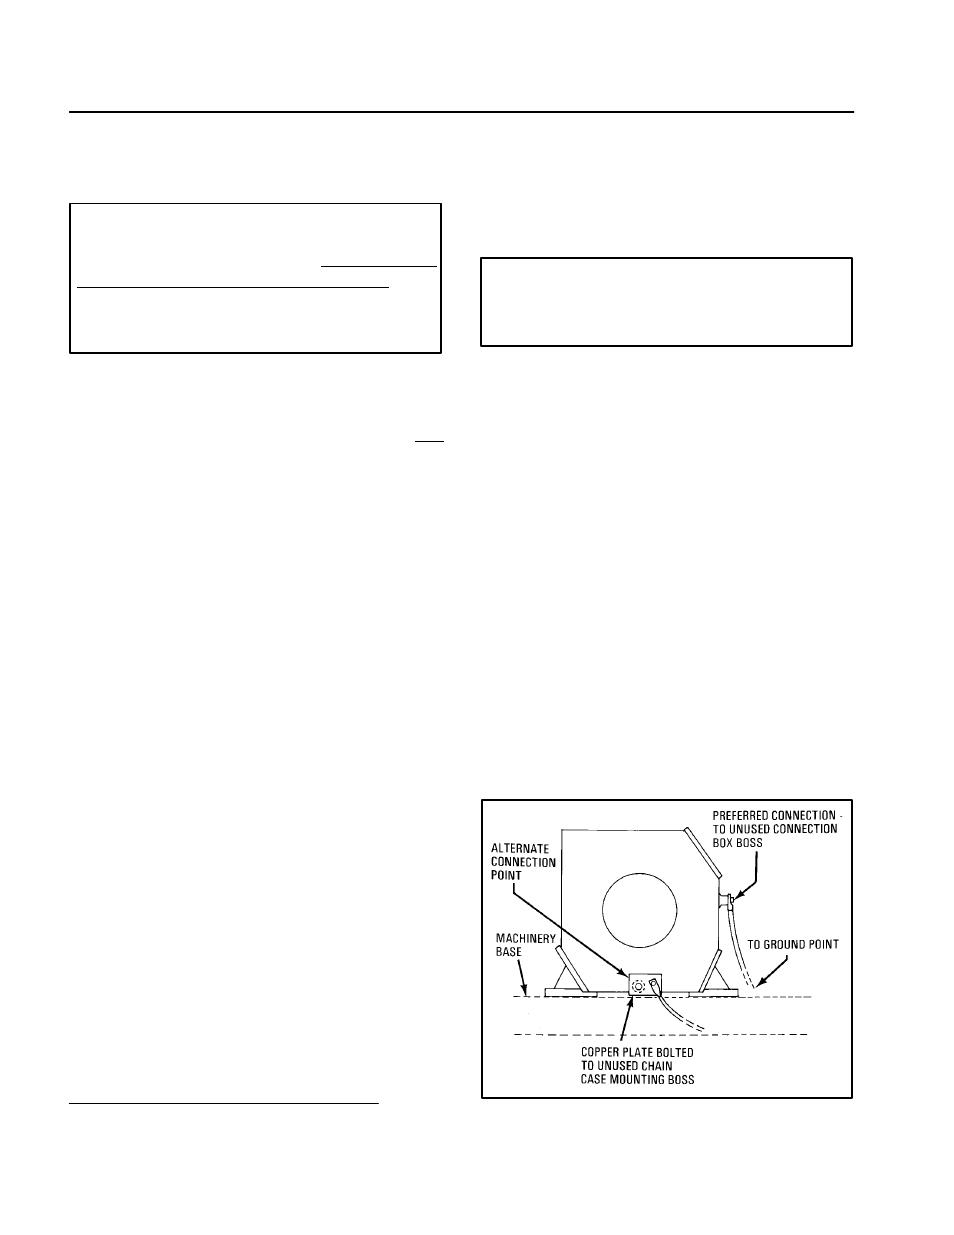 ge vertical drilling motor ge752 user manual page 8 82 rh manualsdir com Manual Mixer Manual Sausage Stuffer